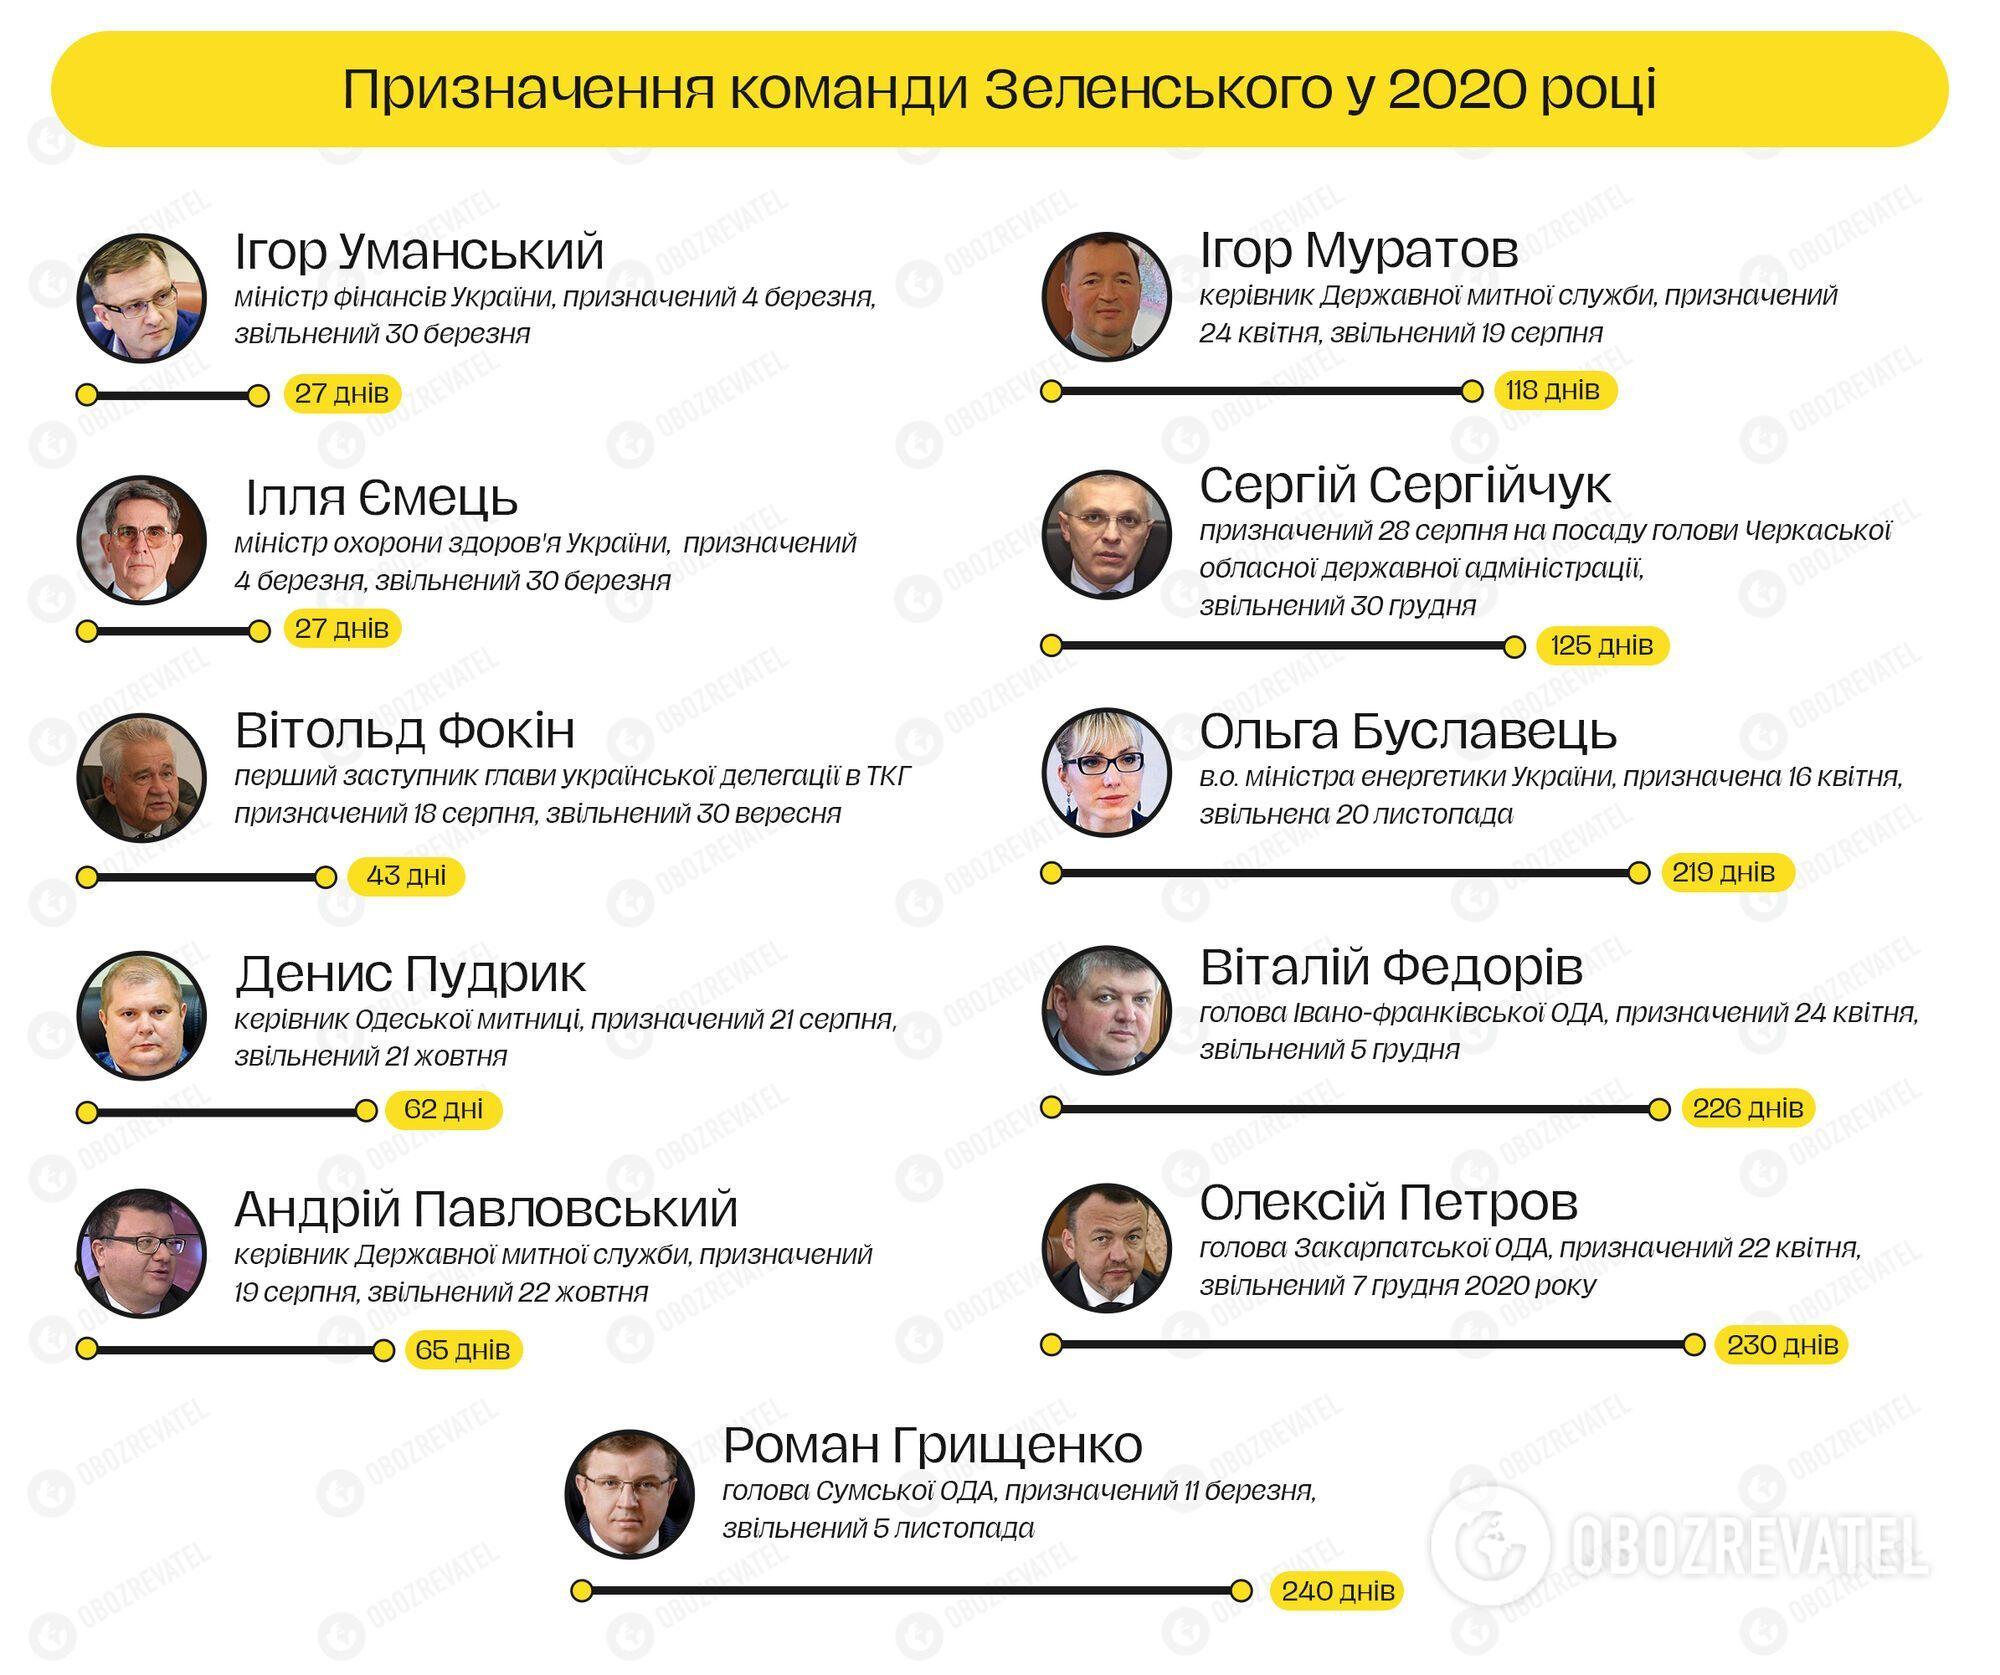 Самые быстрые увольнения команды Зеленского в 2020 году.